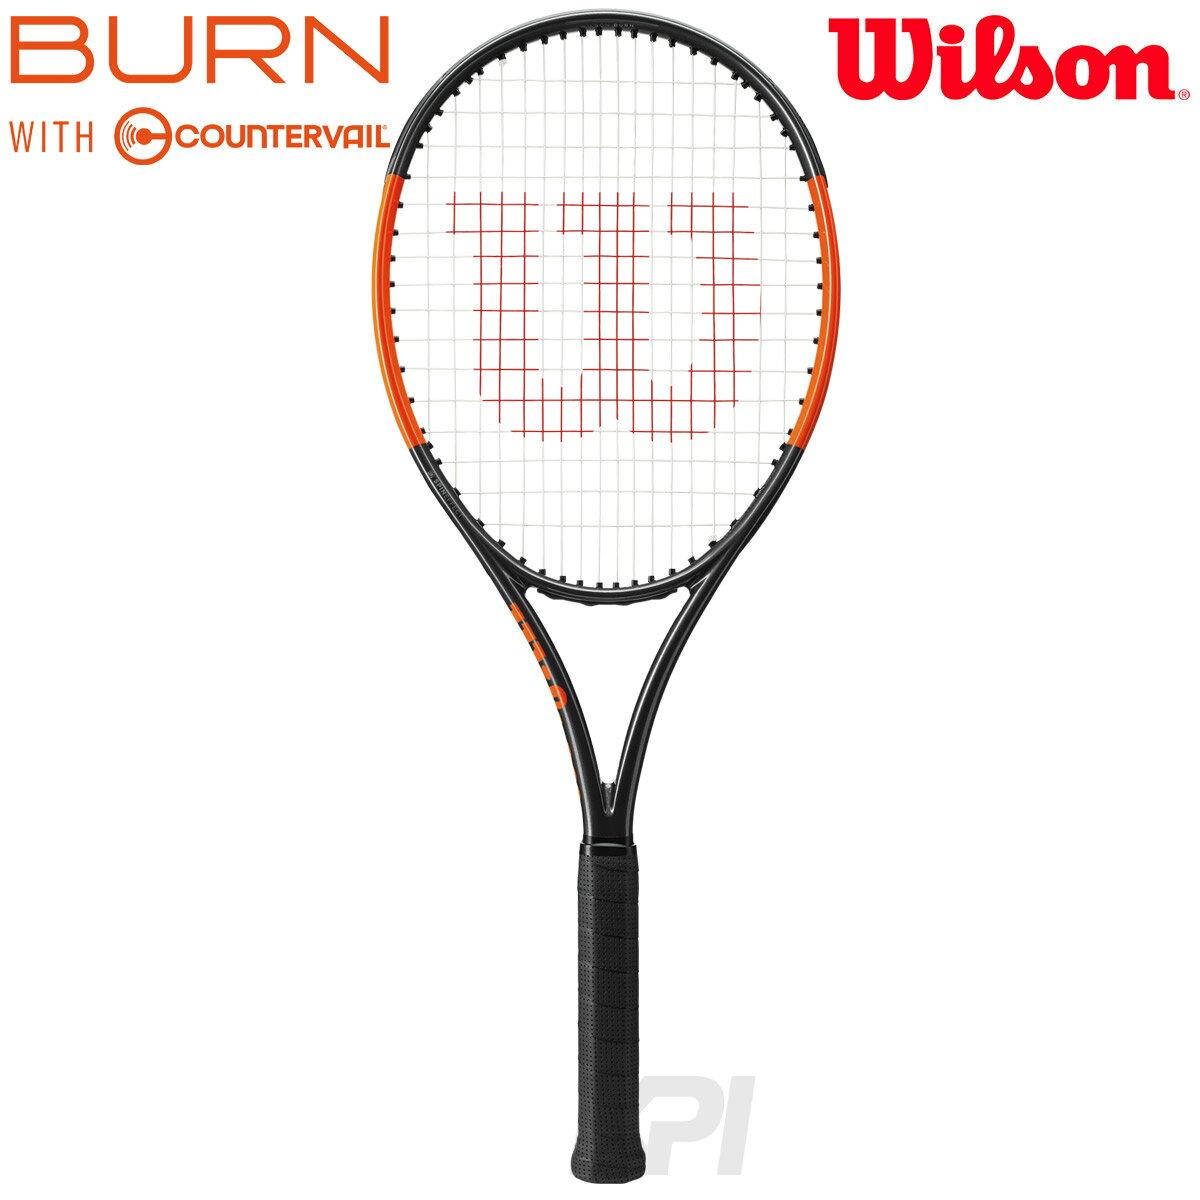 有名な高級ブランド 「あす楽対応」「2017新製品」Wilson(ウイルソン)「BURN 100S COUNTERVAIL(バーン100S カウンターヴェイル) WRT734210」硬式テニスラケット(スマートテニスセンサー対応)『即日出荷』, 平取町:99869aa8 --- canoncity.azurewebsites.net